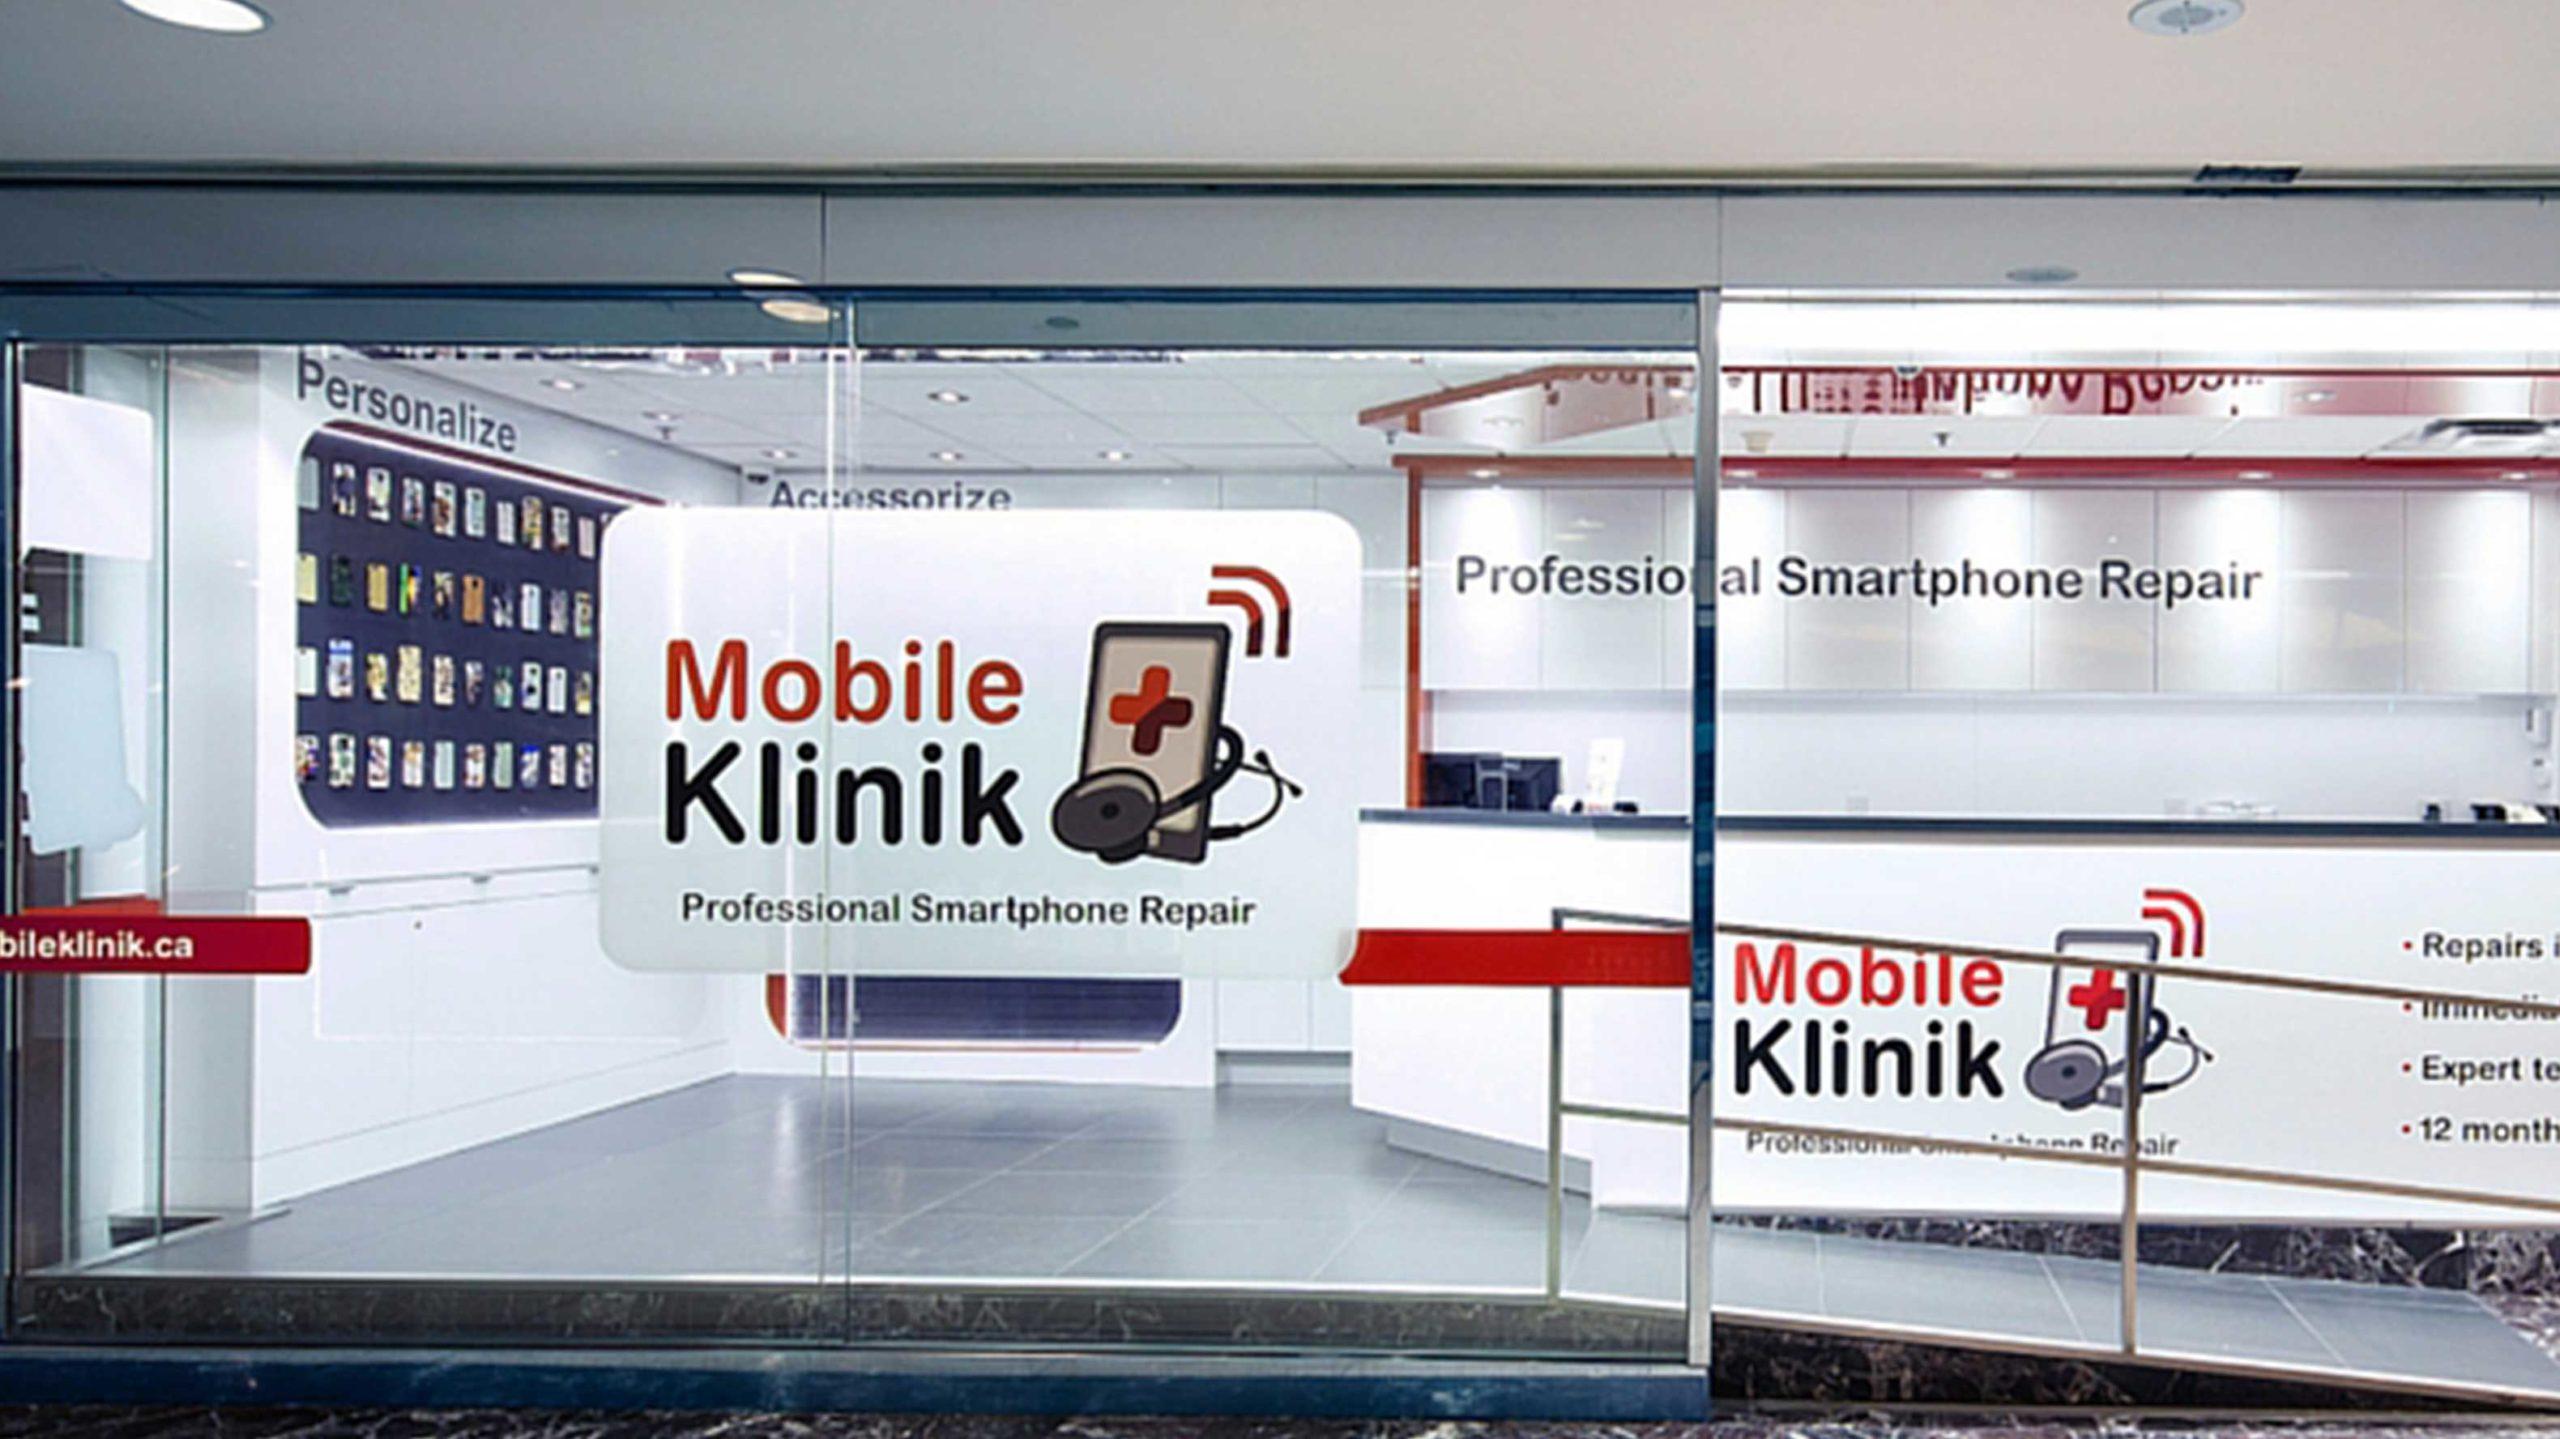 Mobile Klinik smartphone repair shop buys fonelab, hits 80 store milestone